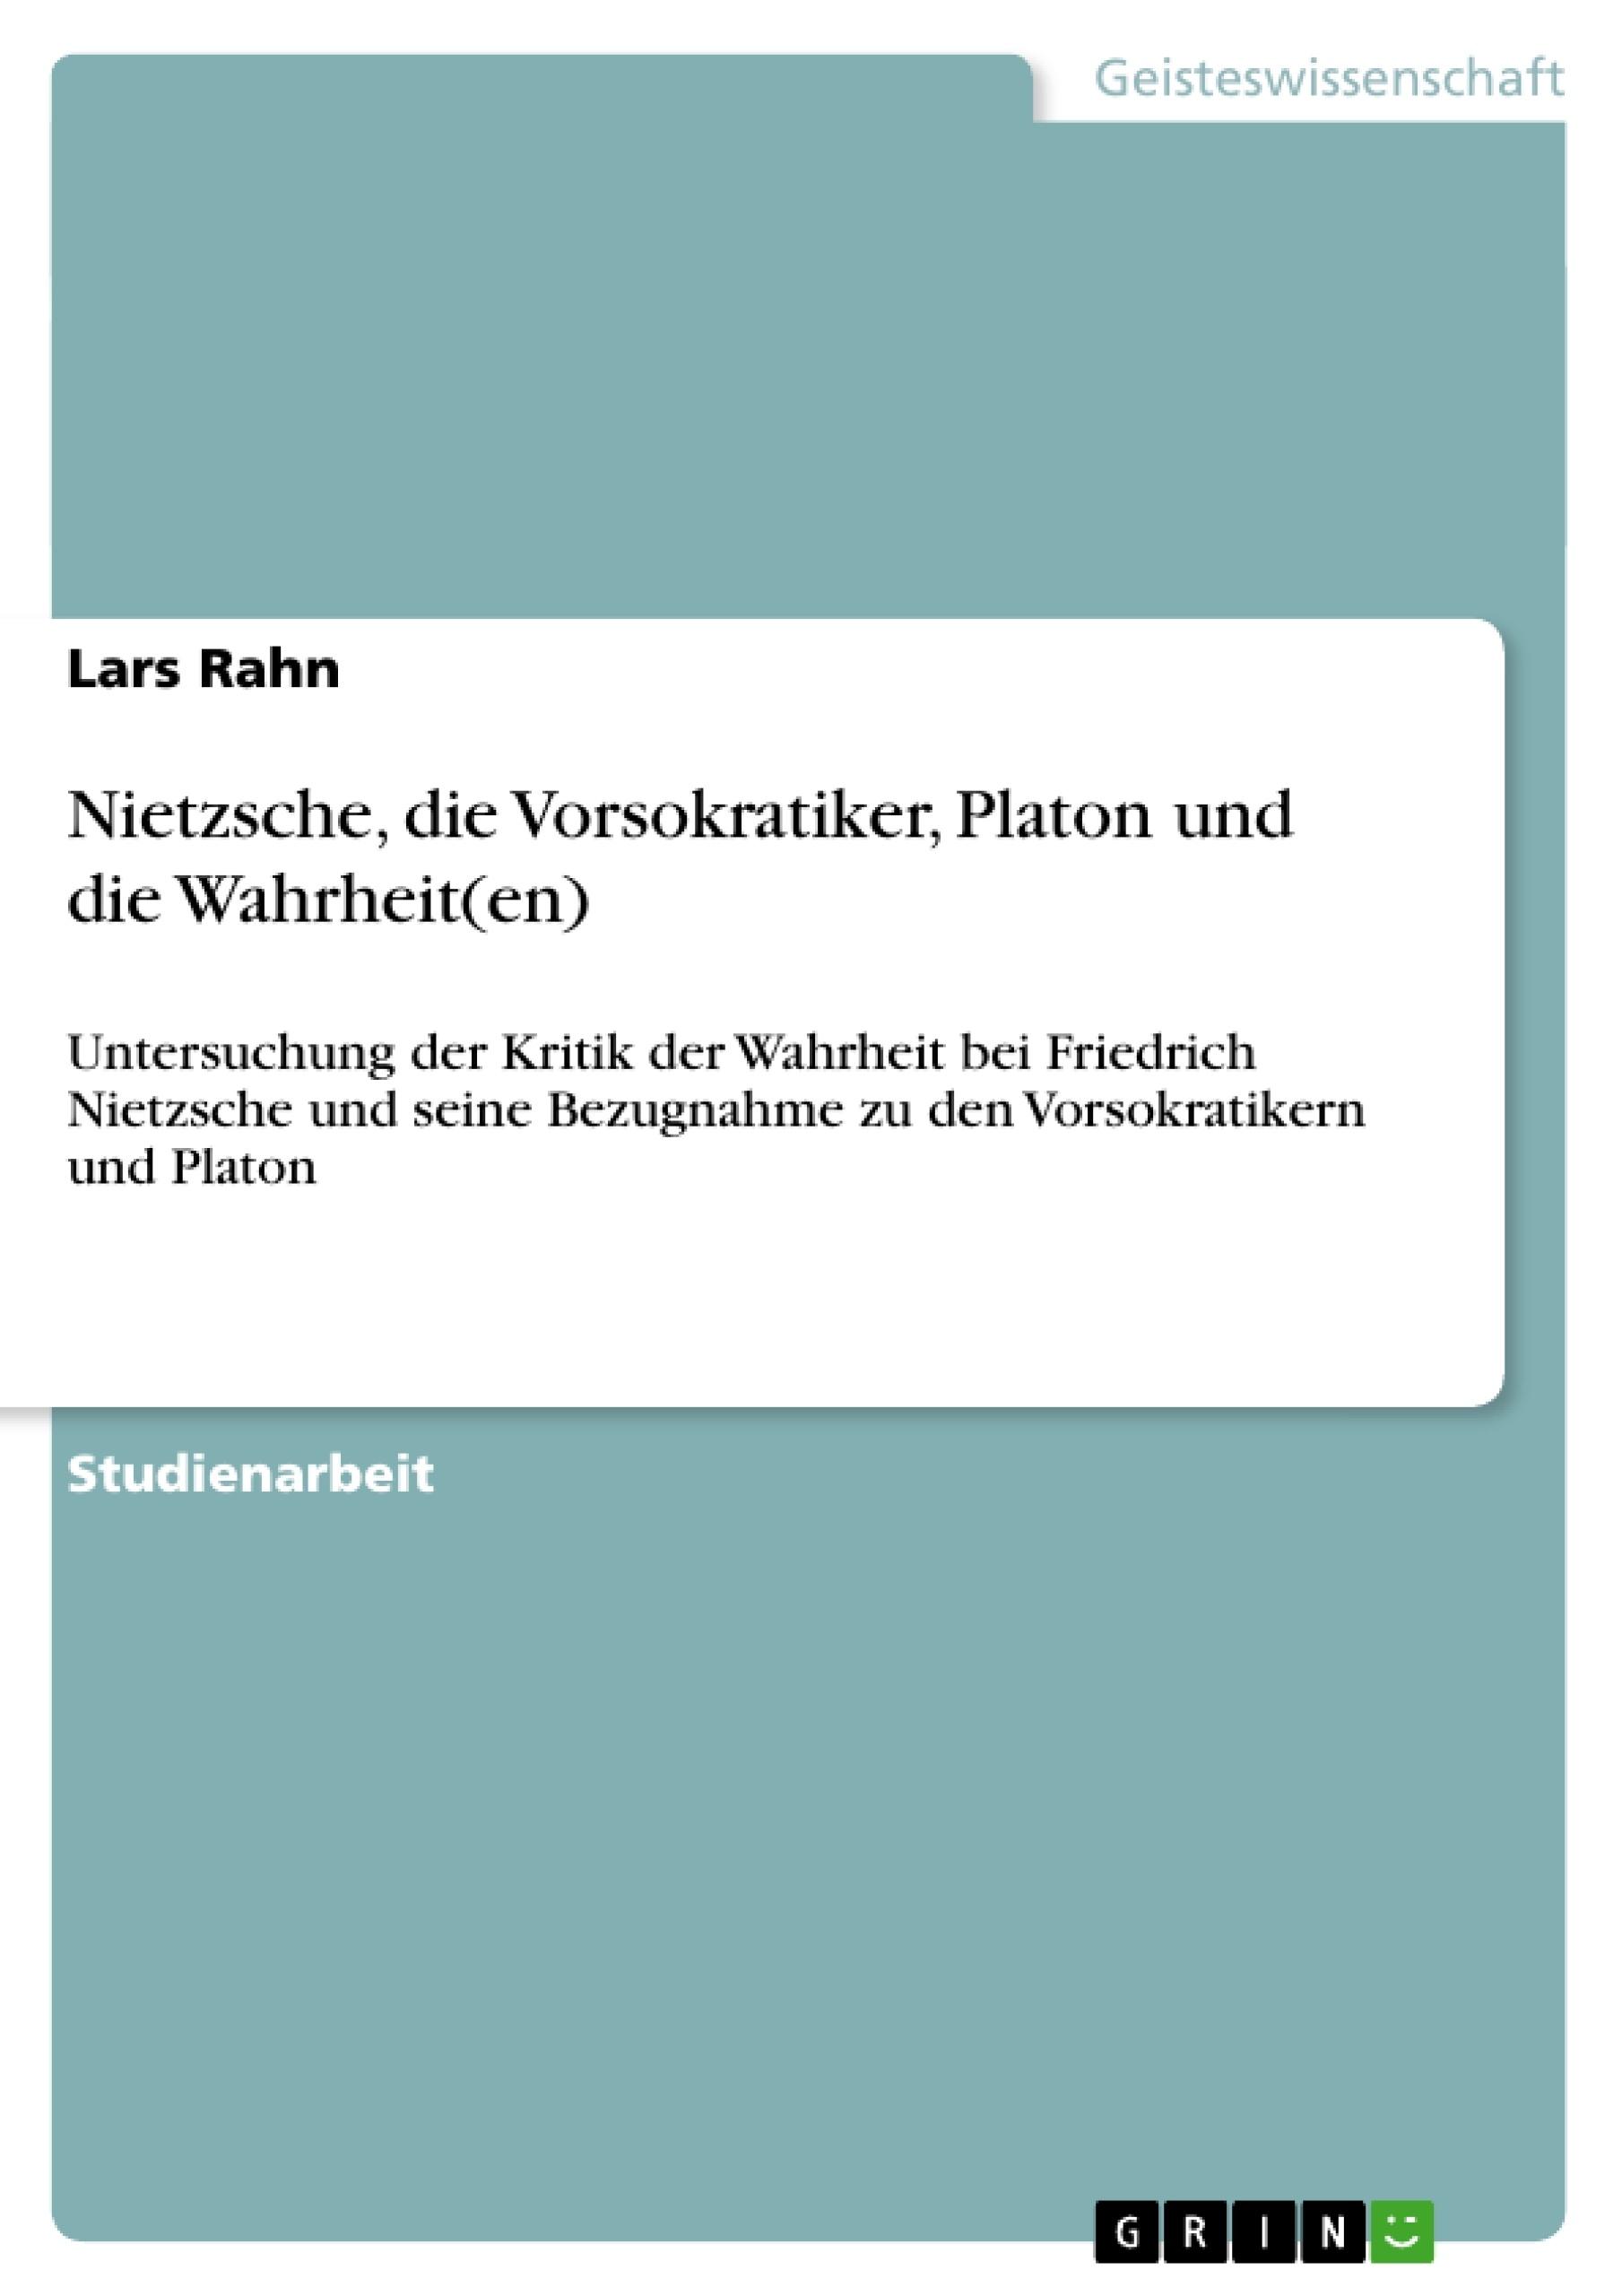 Titel: Nietzsche, die Vorsokratiker, Platon und die Wahrheit(en)